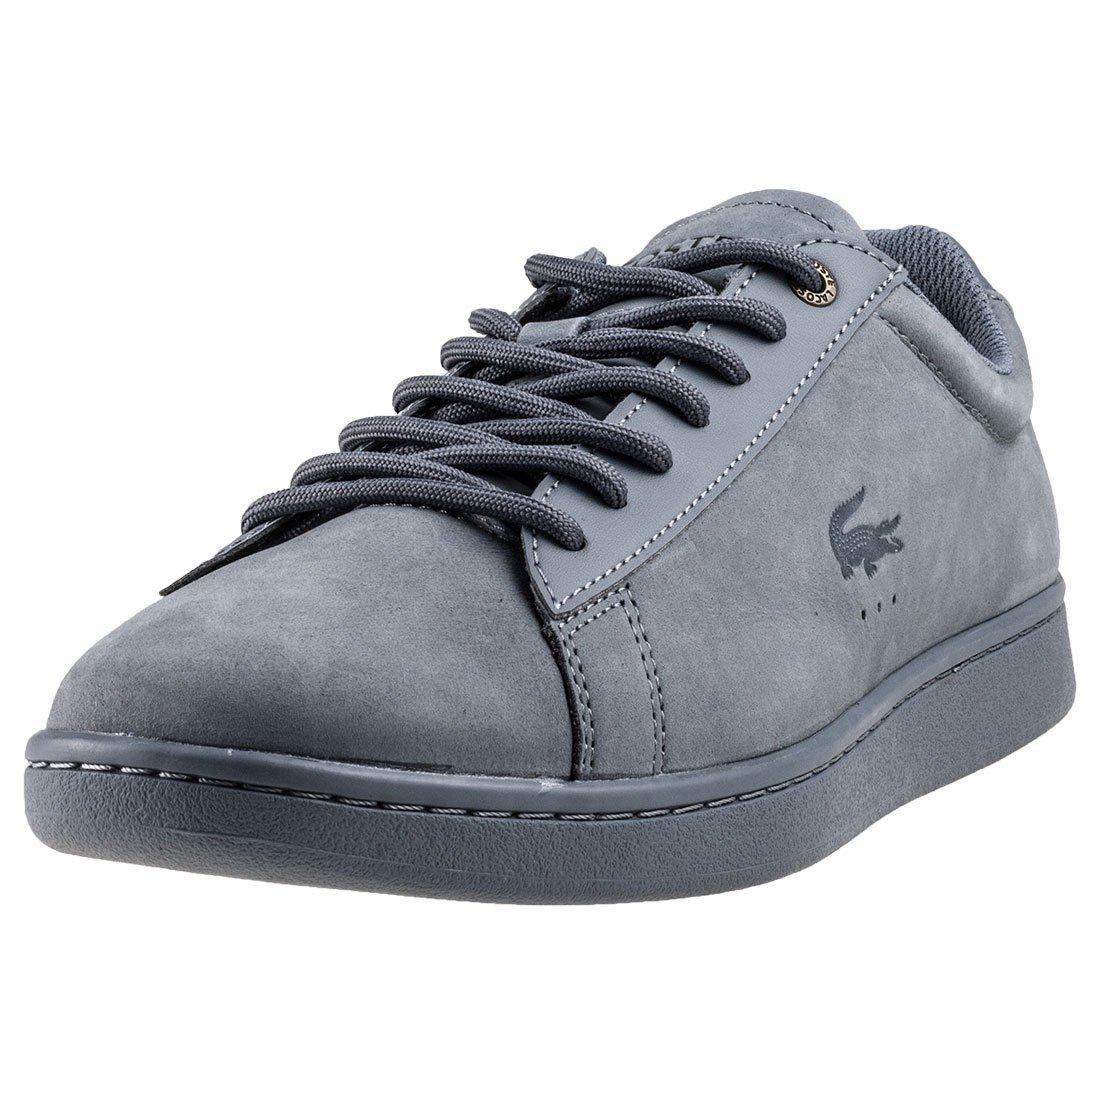 Lacoste Carnaby Evo Herren Sneaker Blau Light Blue